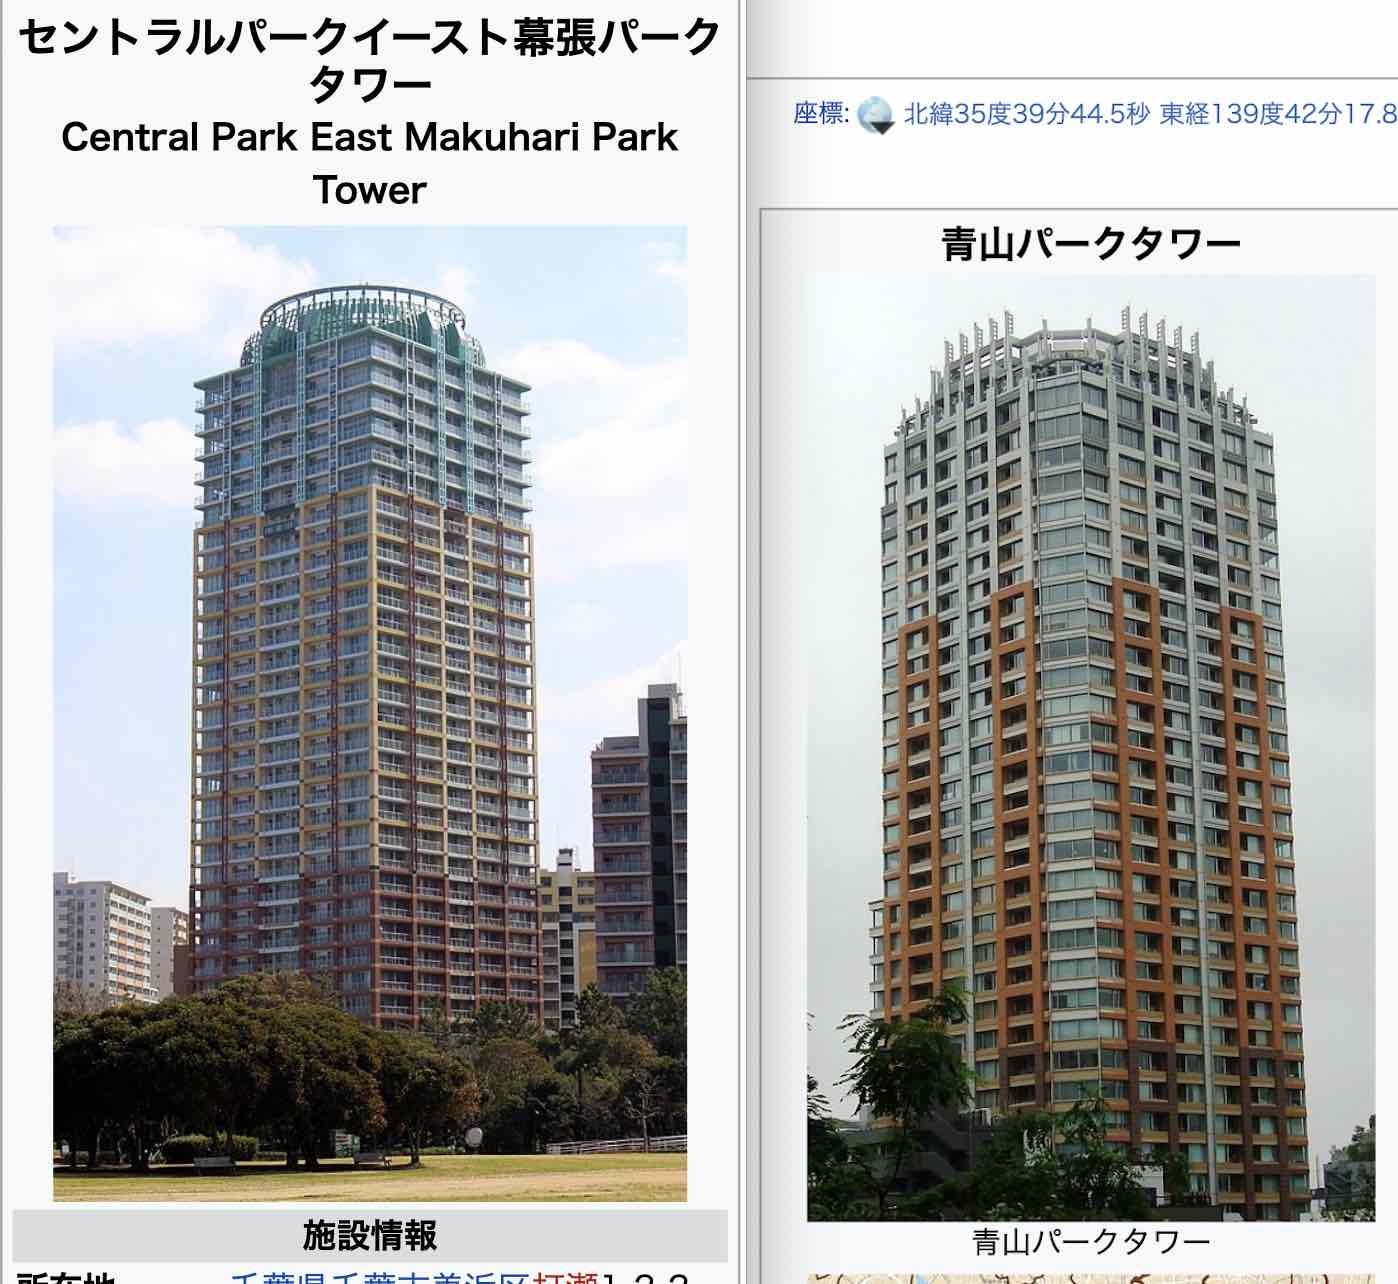 建築家 光井純のデザインはダサい?